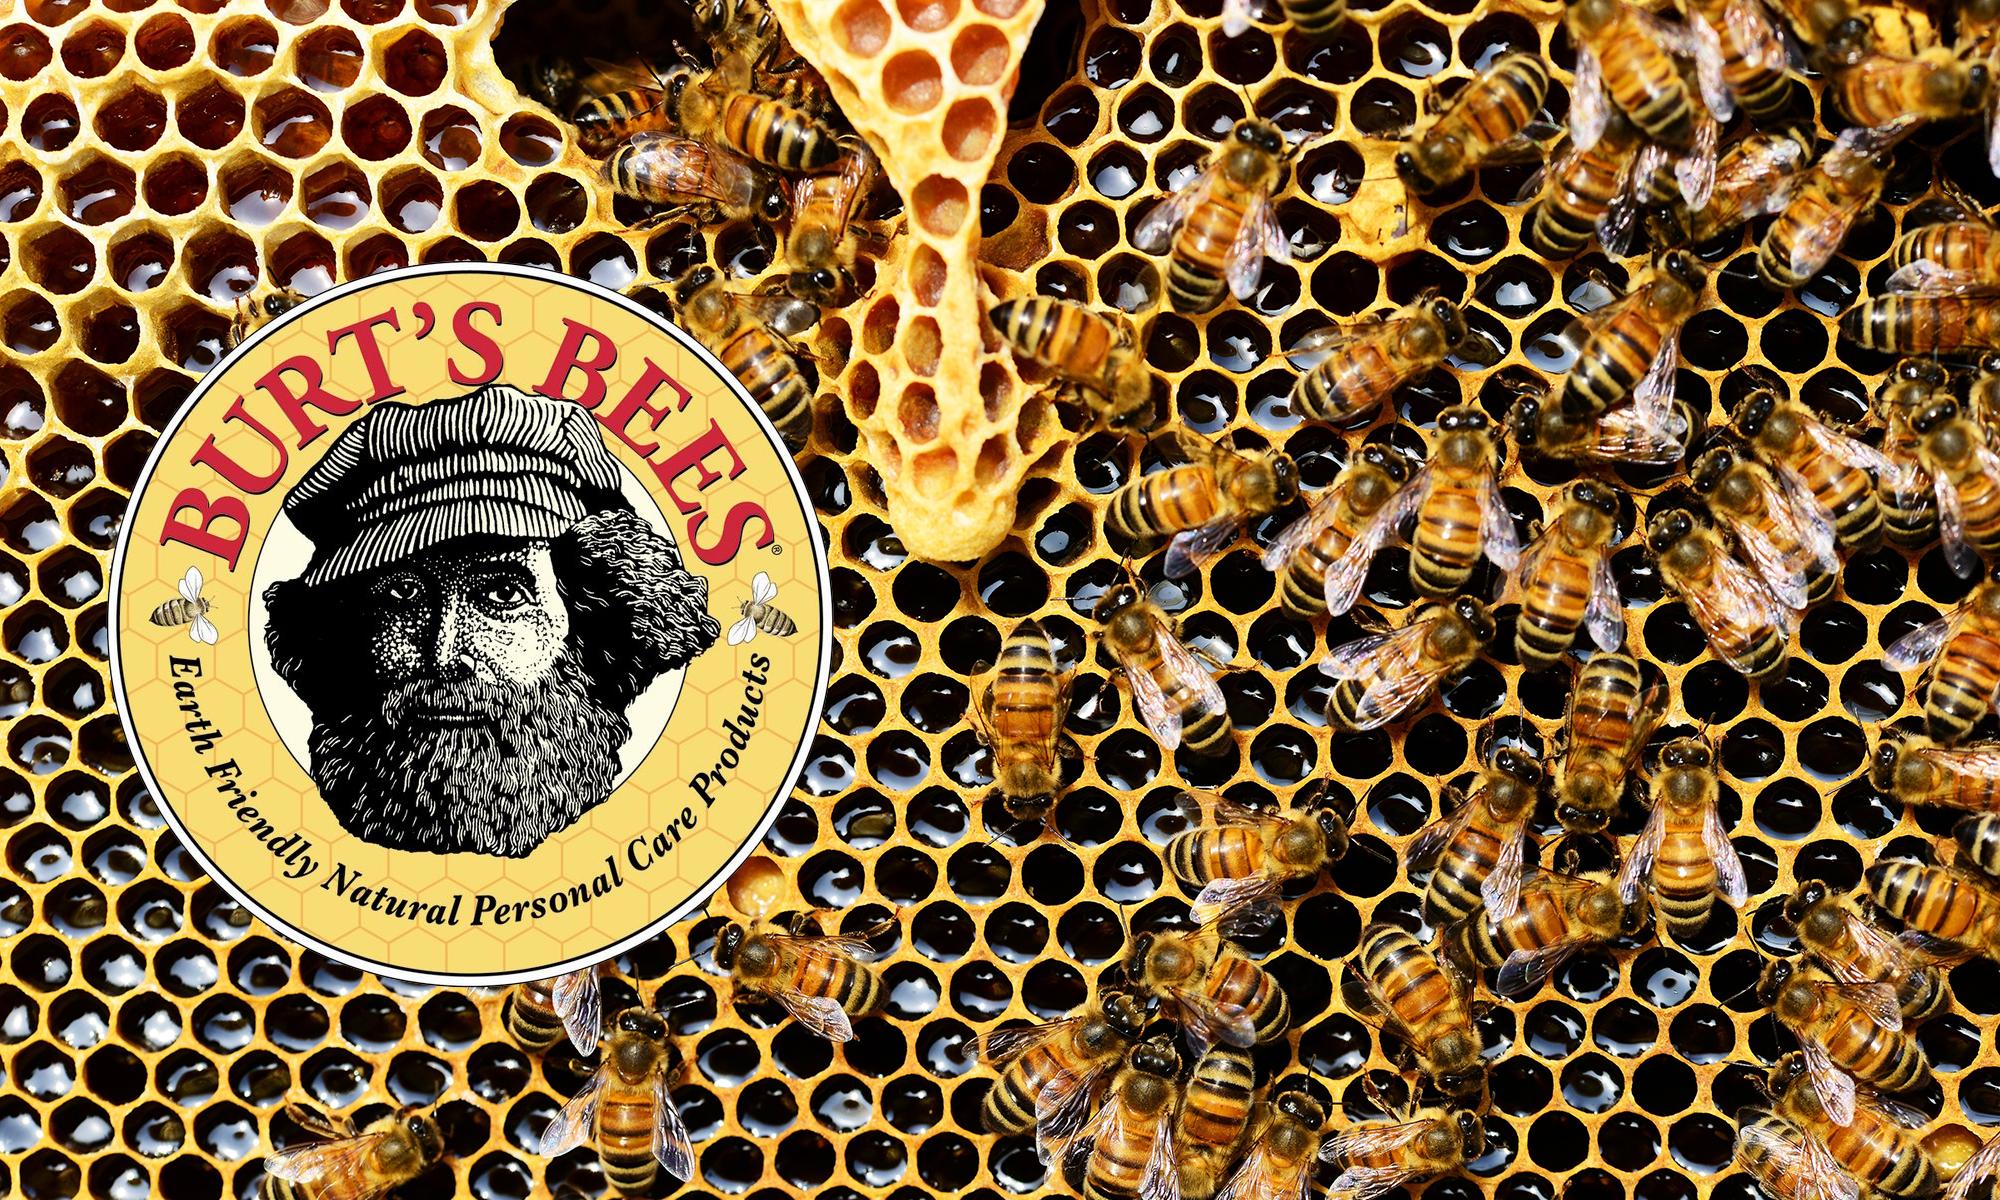 Burt\'s Bees case study.